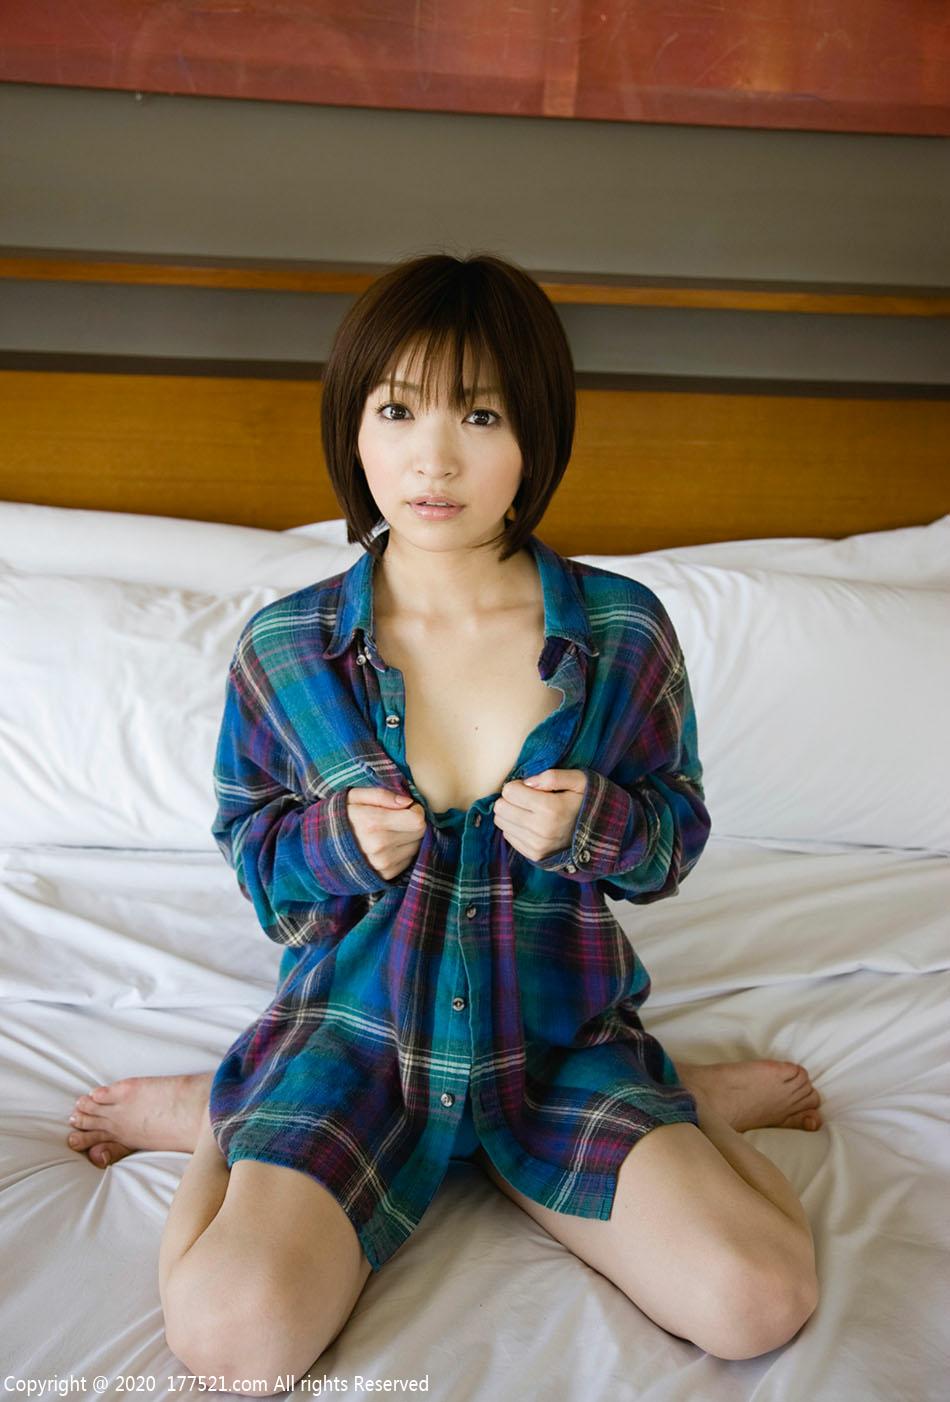 田中涼子(たなか りょうこ,Tanaka Ryouko)个人资料写真作品图片